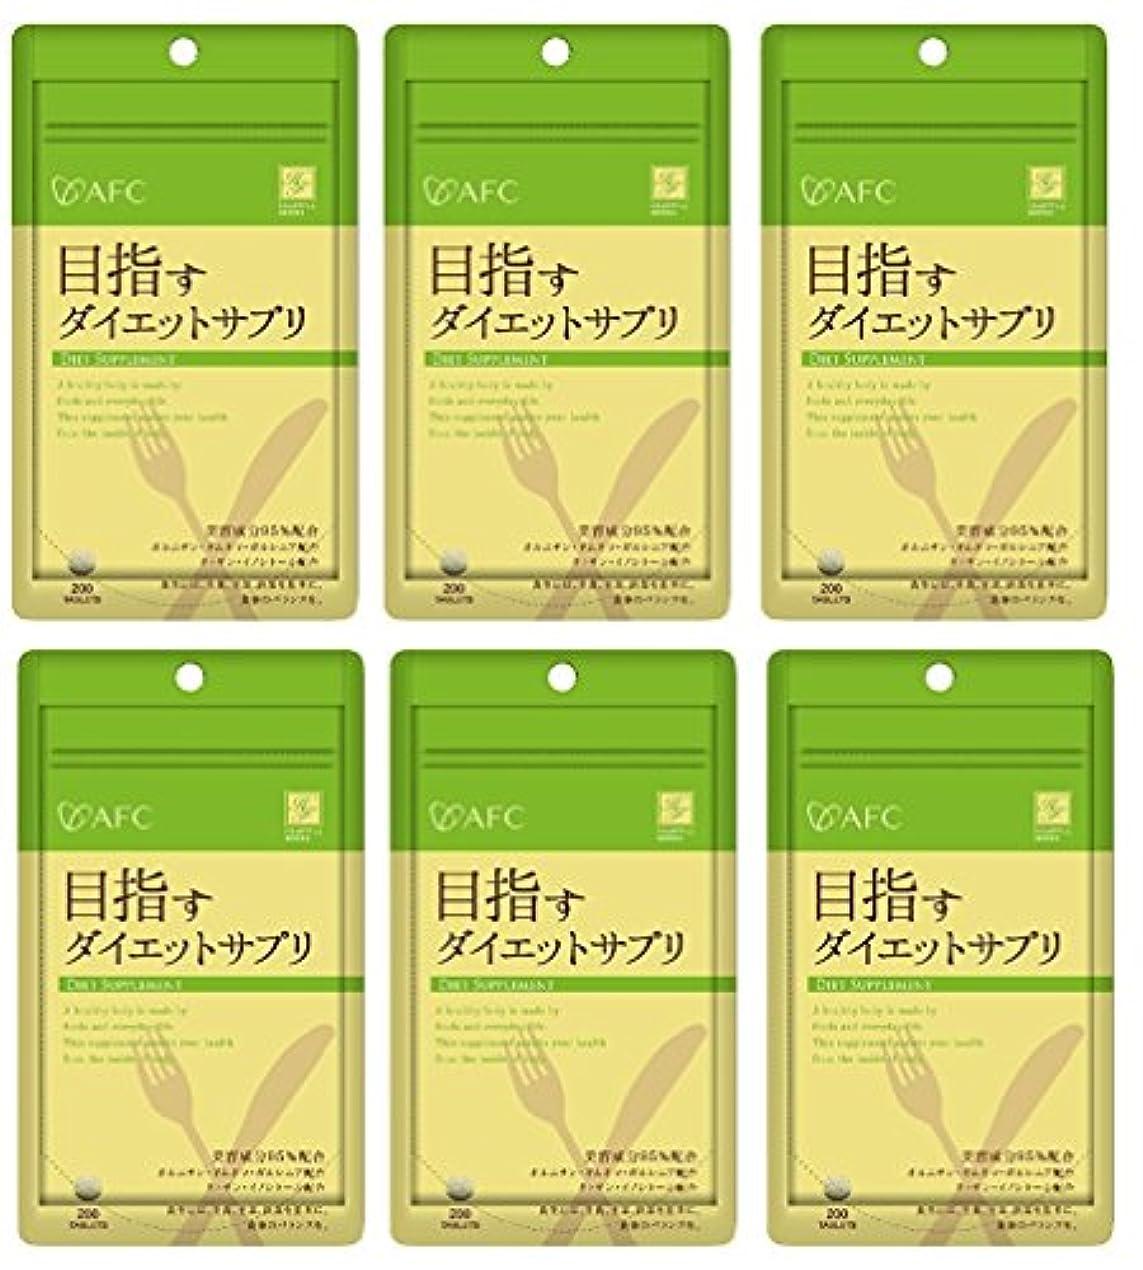 負荷ルール代理店【X6個セット】 AFC ハートフルS 目指す ダイエットサプリ 200粒 【国内正規品】